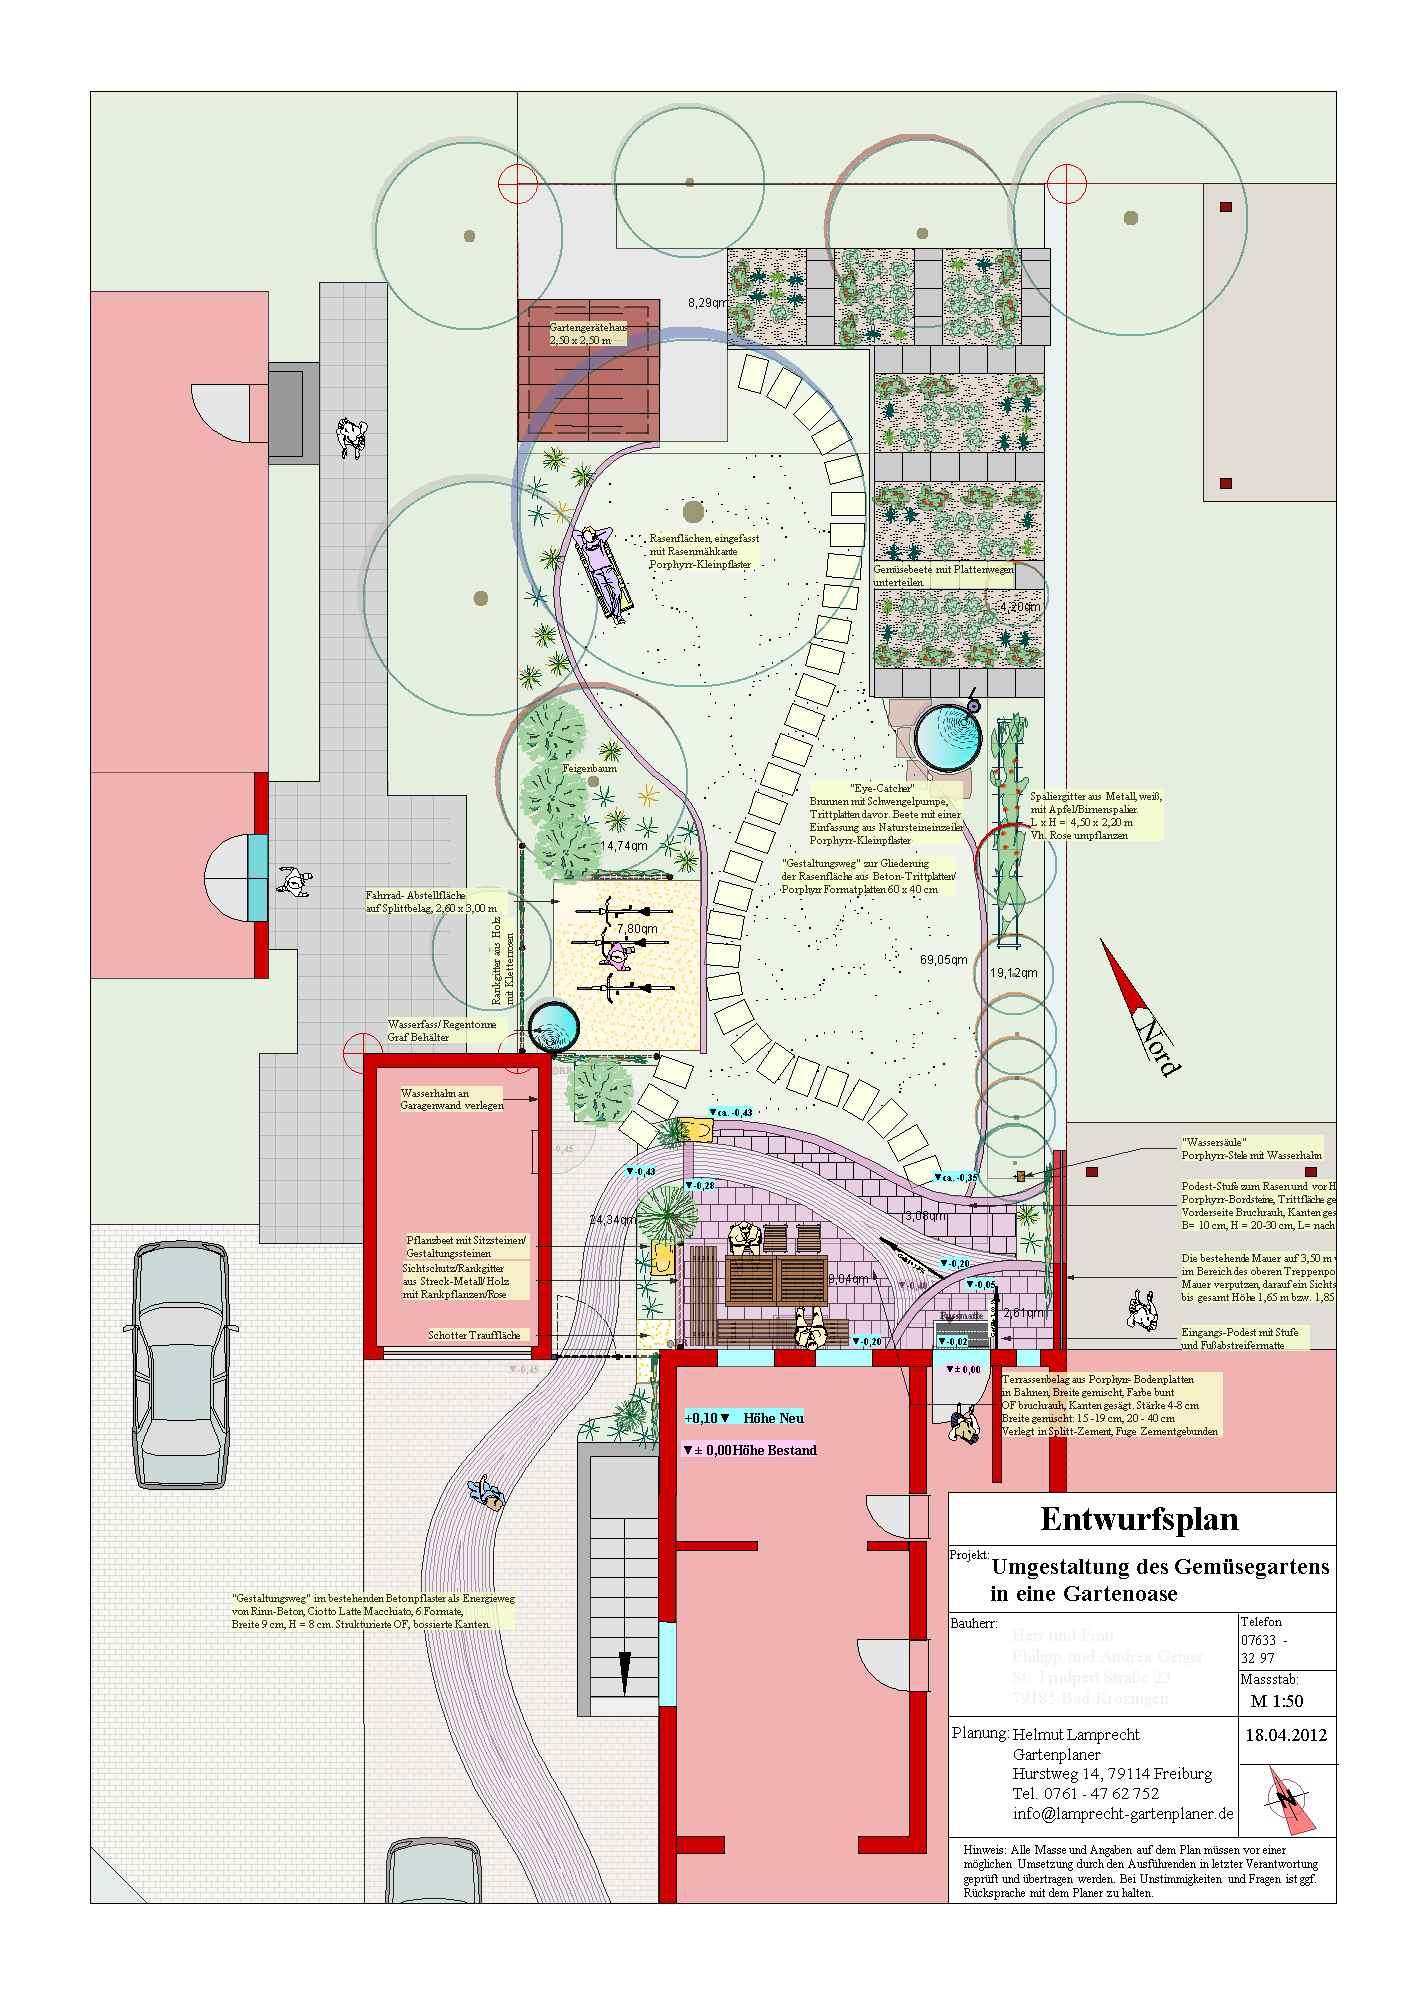 Wohngarten mit Eingansbereich, eine besondere Herausforderung für den Planer, Umgestaltung in Bad Krozingen, Helmut Lamprecht Gartenplaner